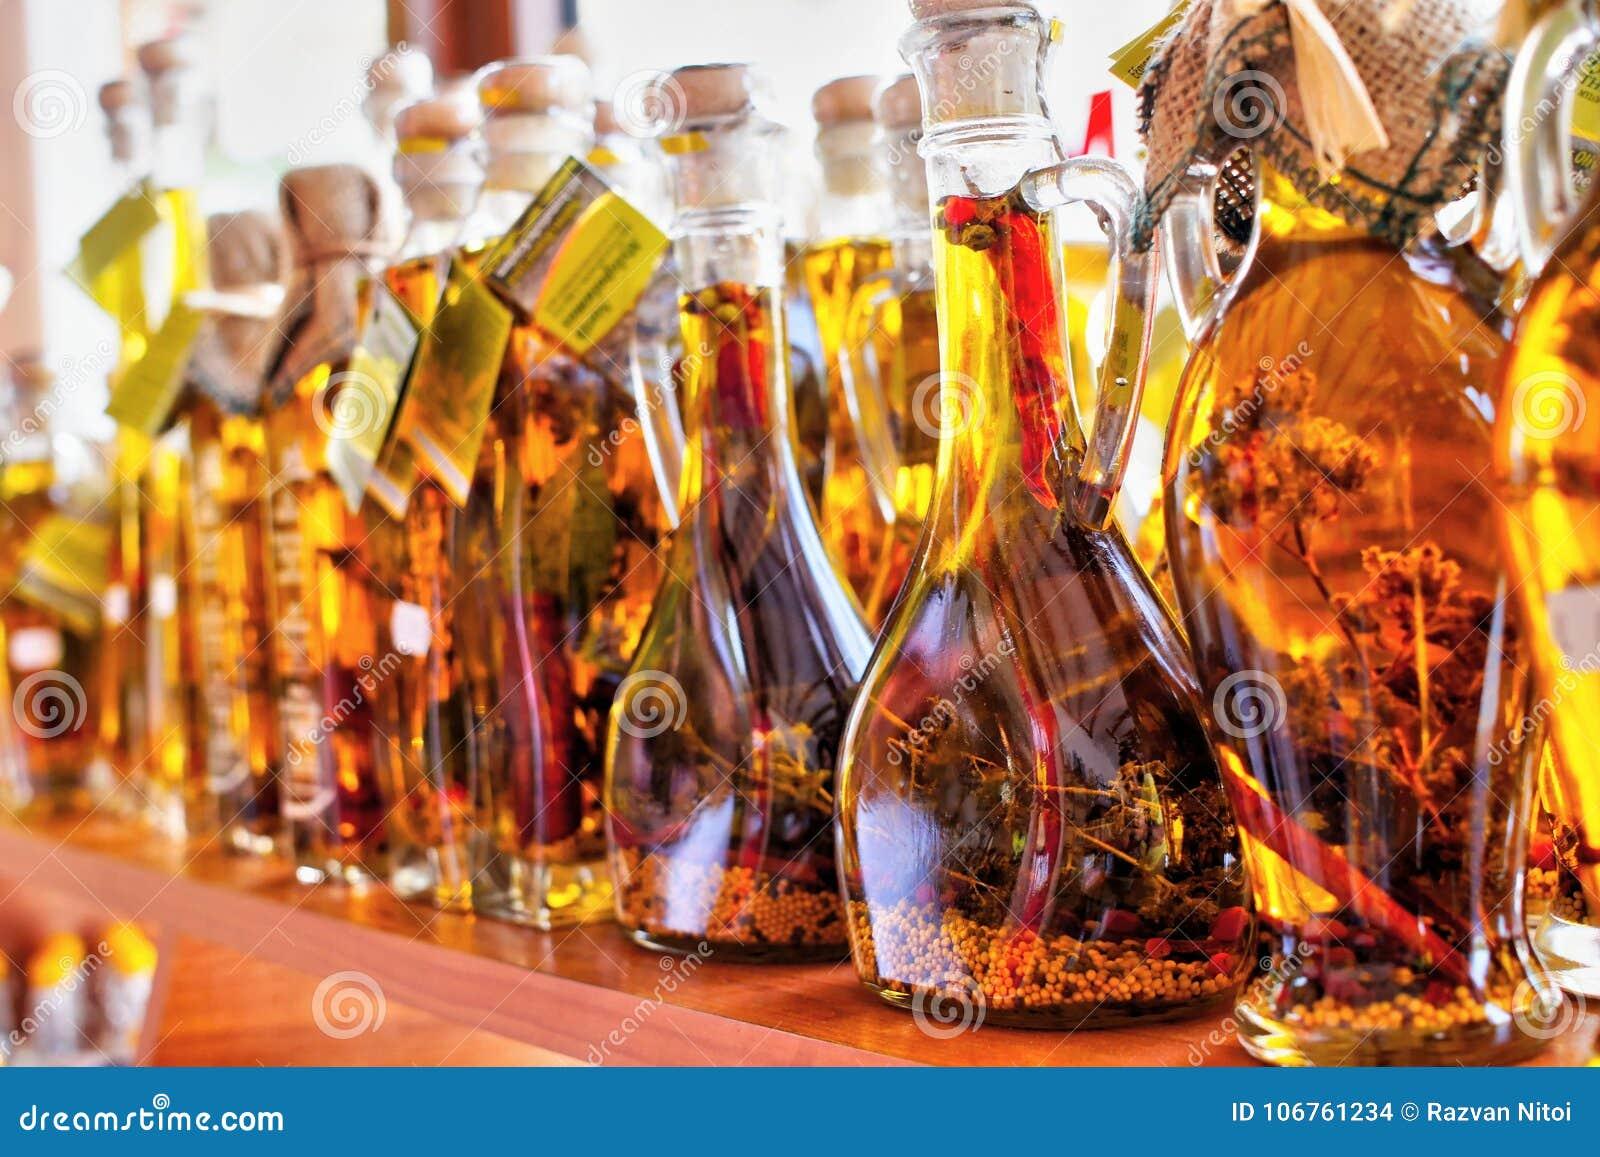 Azeite dourado com as especiarias em umas garrafas em Grécia